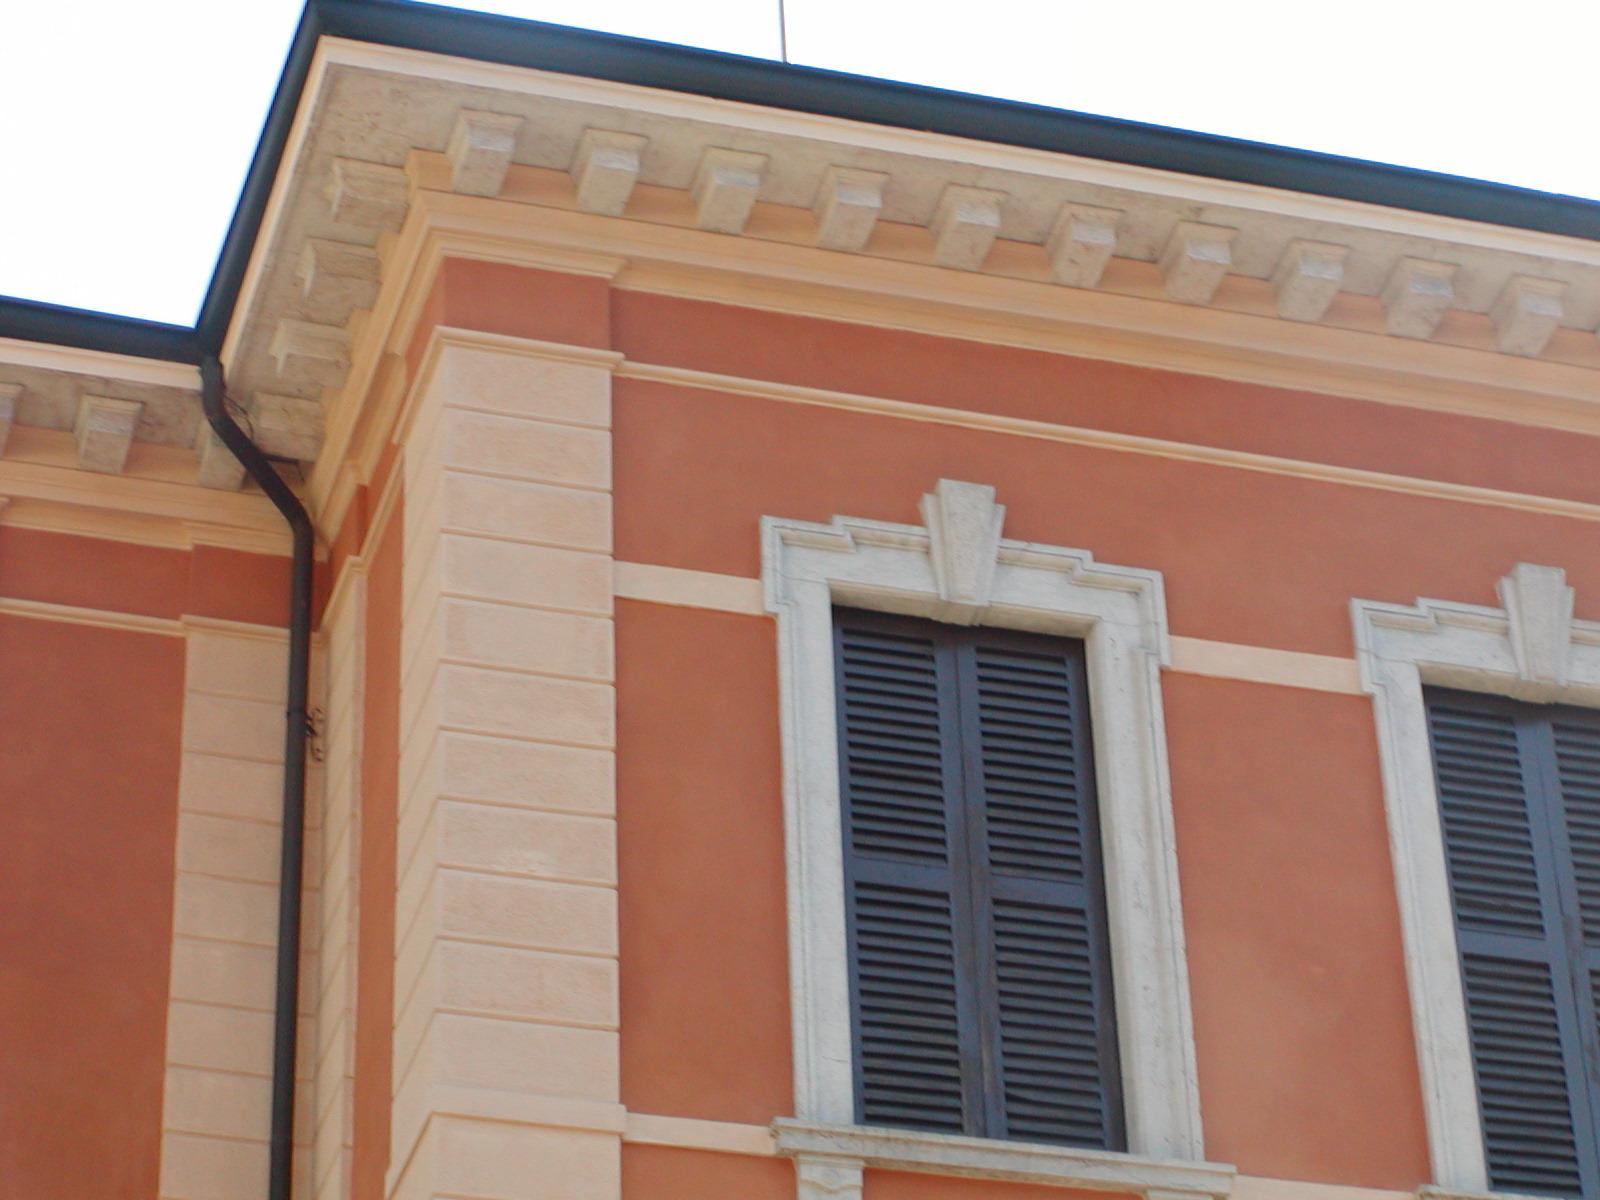 Studio-di-architettura-Baisotti-Sigala-prgetti821